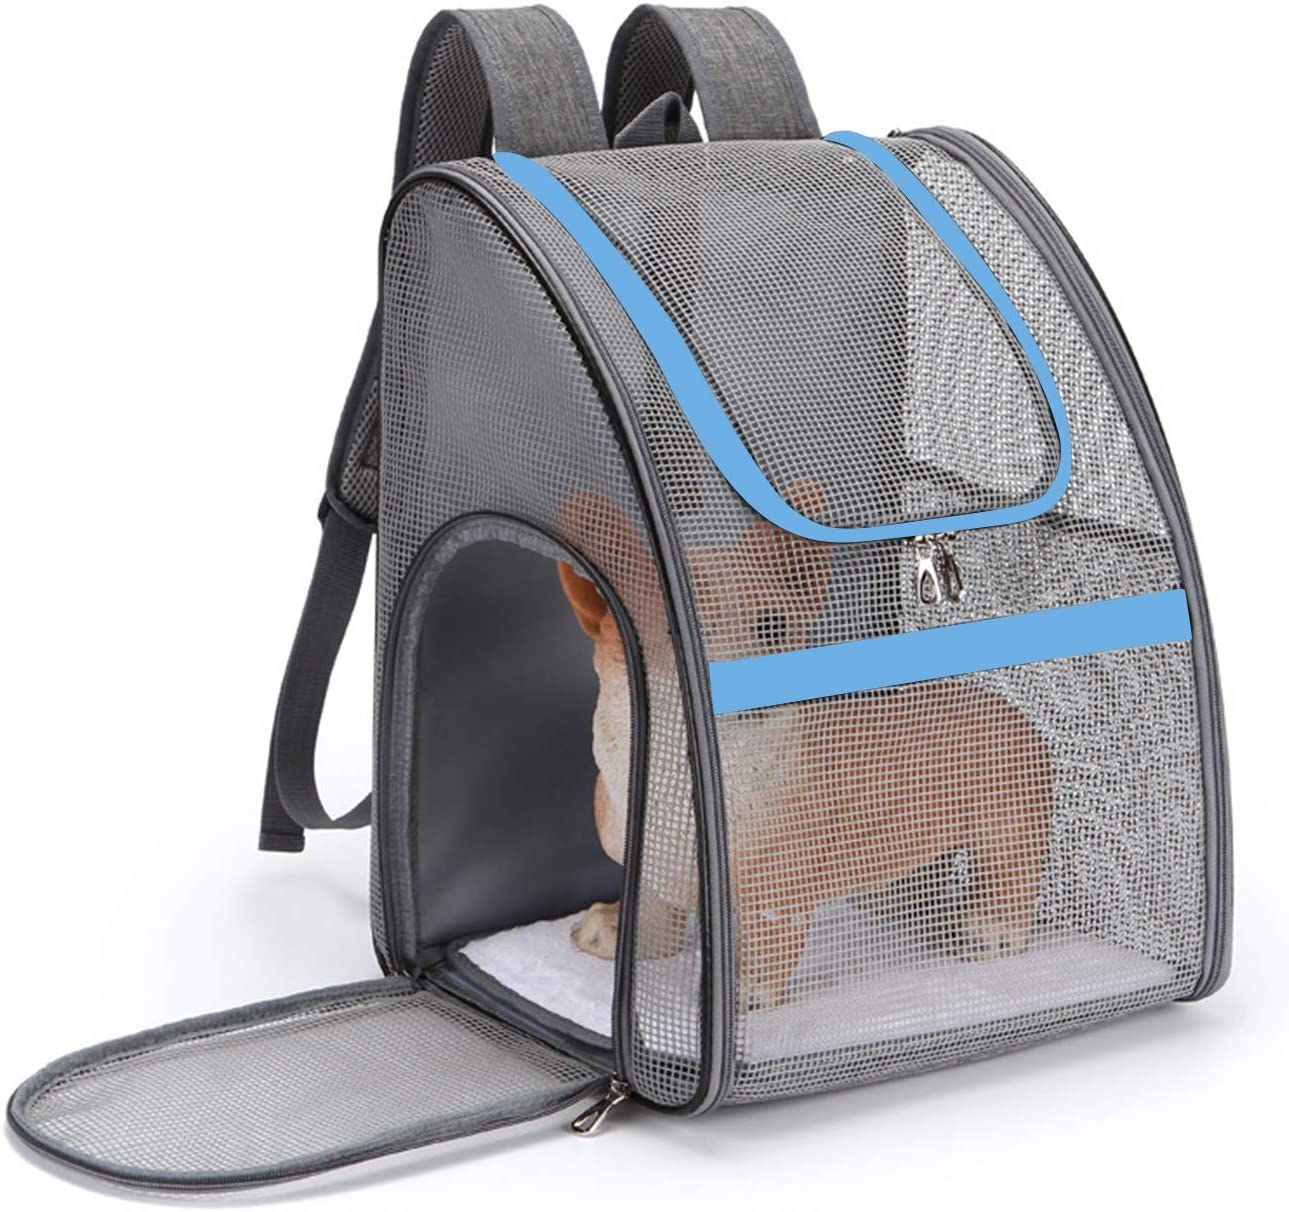 Petcute Katzen Hunde Rucksack Hundetragetasche Front Tragen Hundetransporttasche Rucksack Wanderrucksack Hunderucksack Für Kleine Hunde Katzen Bis Zu 7 5 Kg Haustier